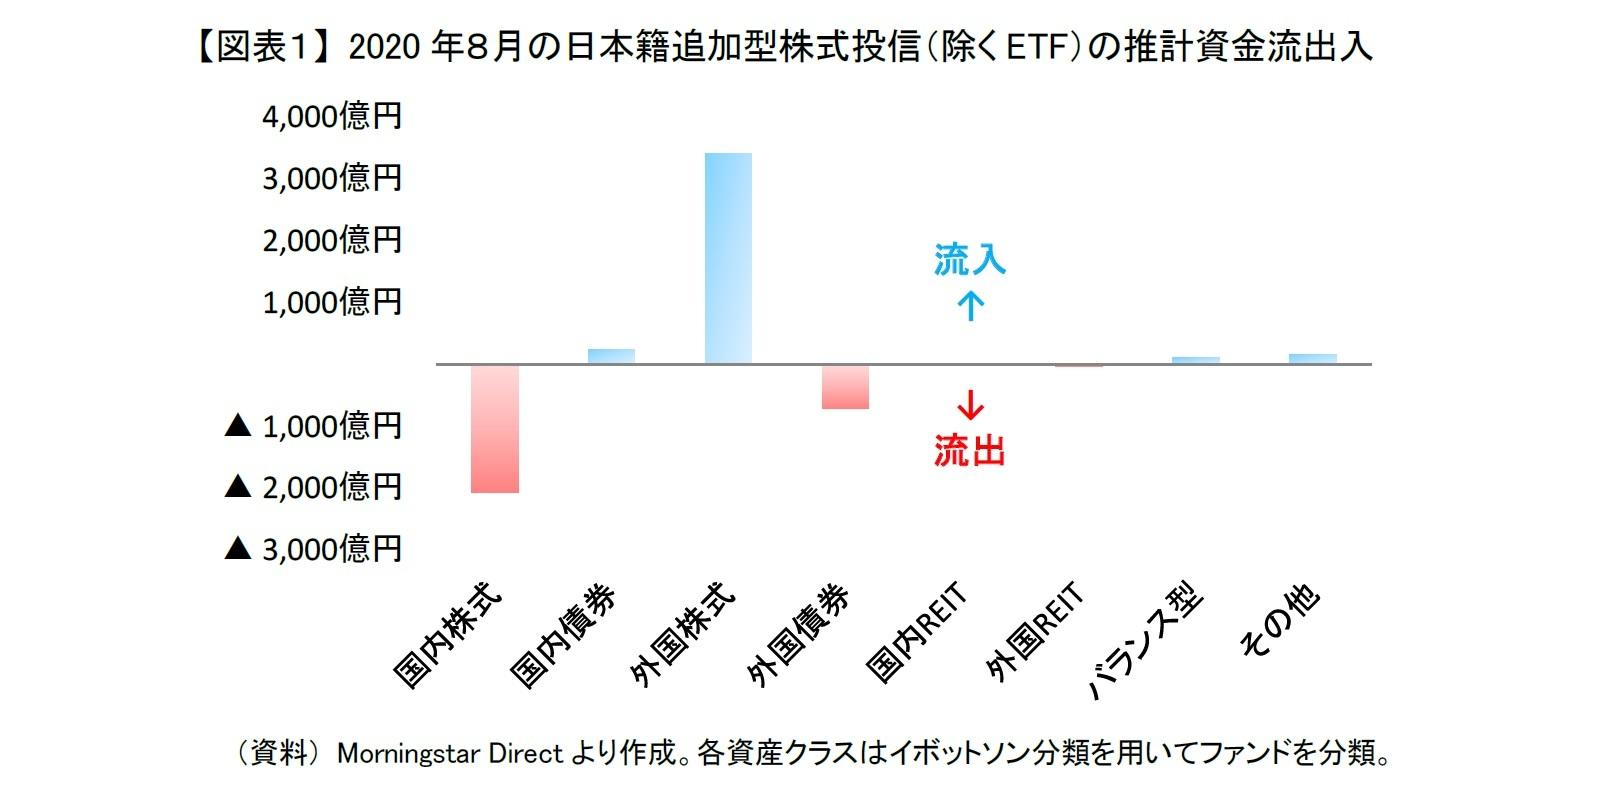 【図表1】 2020年8月の日本籍追加型株式投信(除くETF)の推計資金流出入